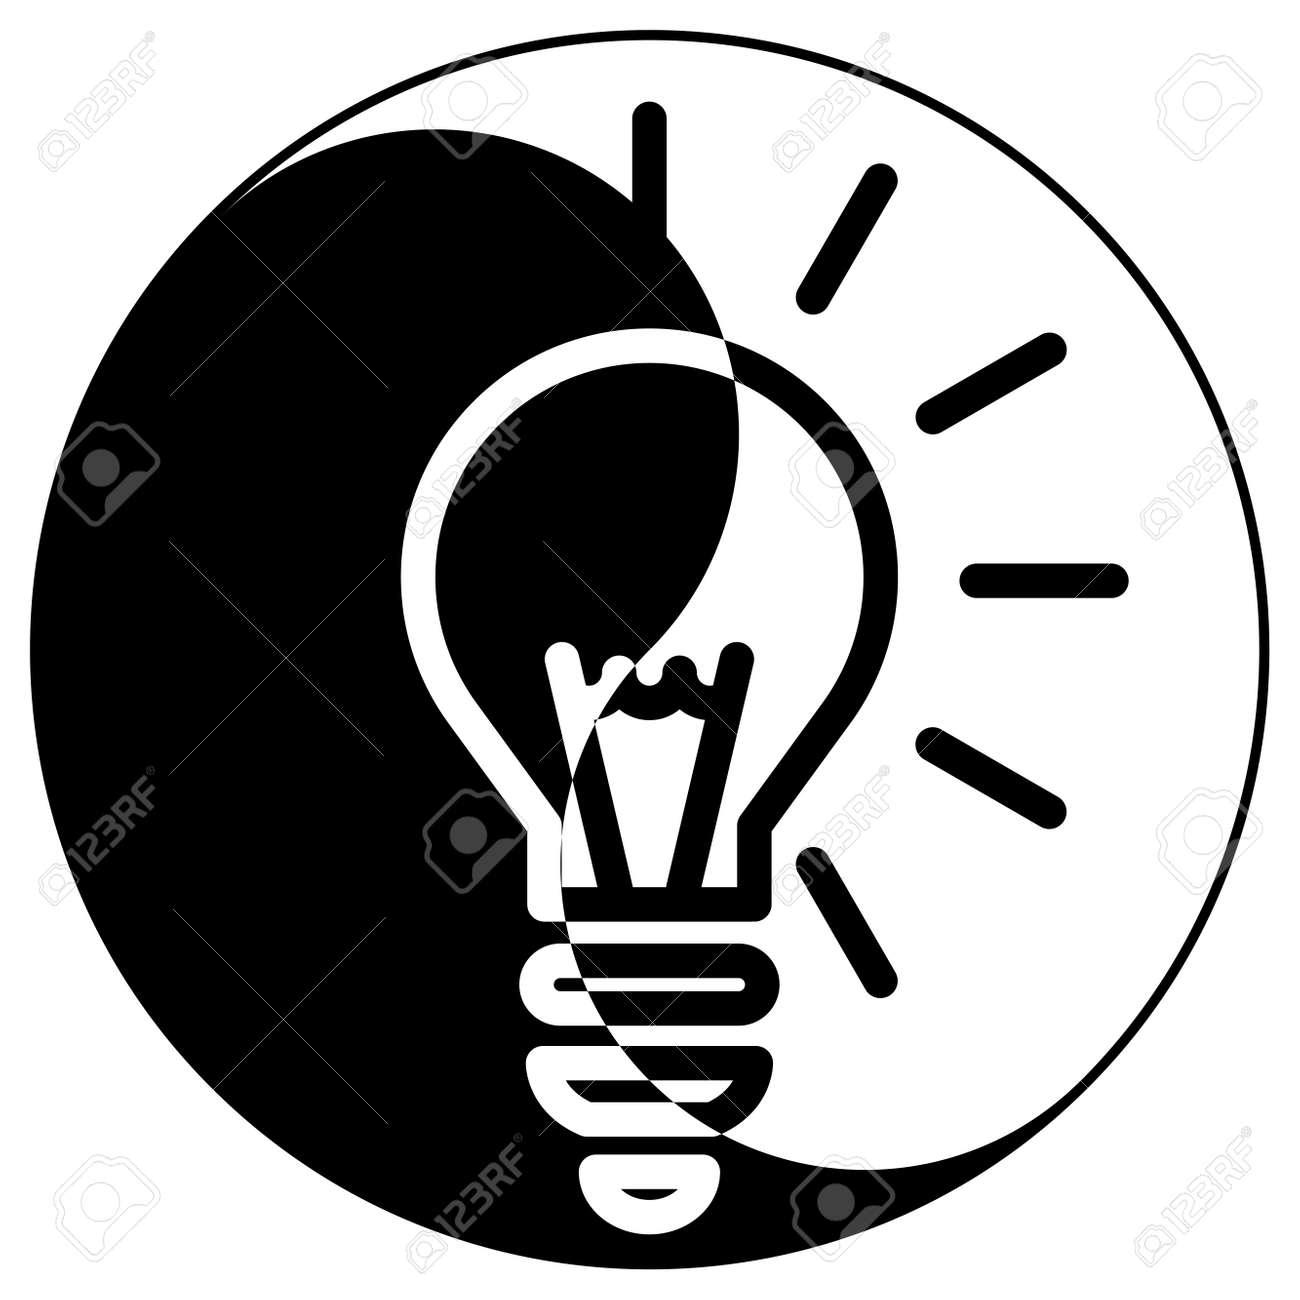 Groß Elektrisches Symbol Für Glühbirne Bilder - Schaltplan Serie ...